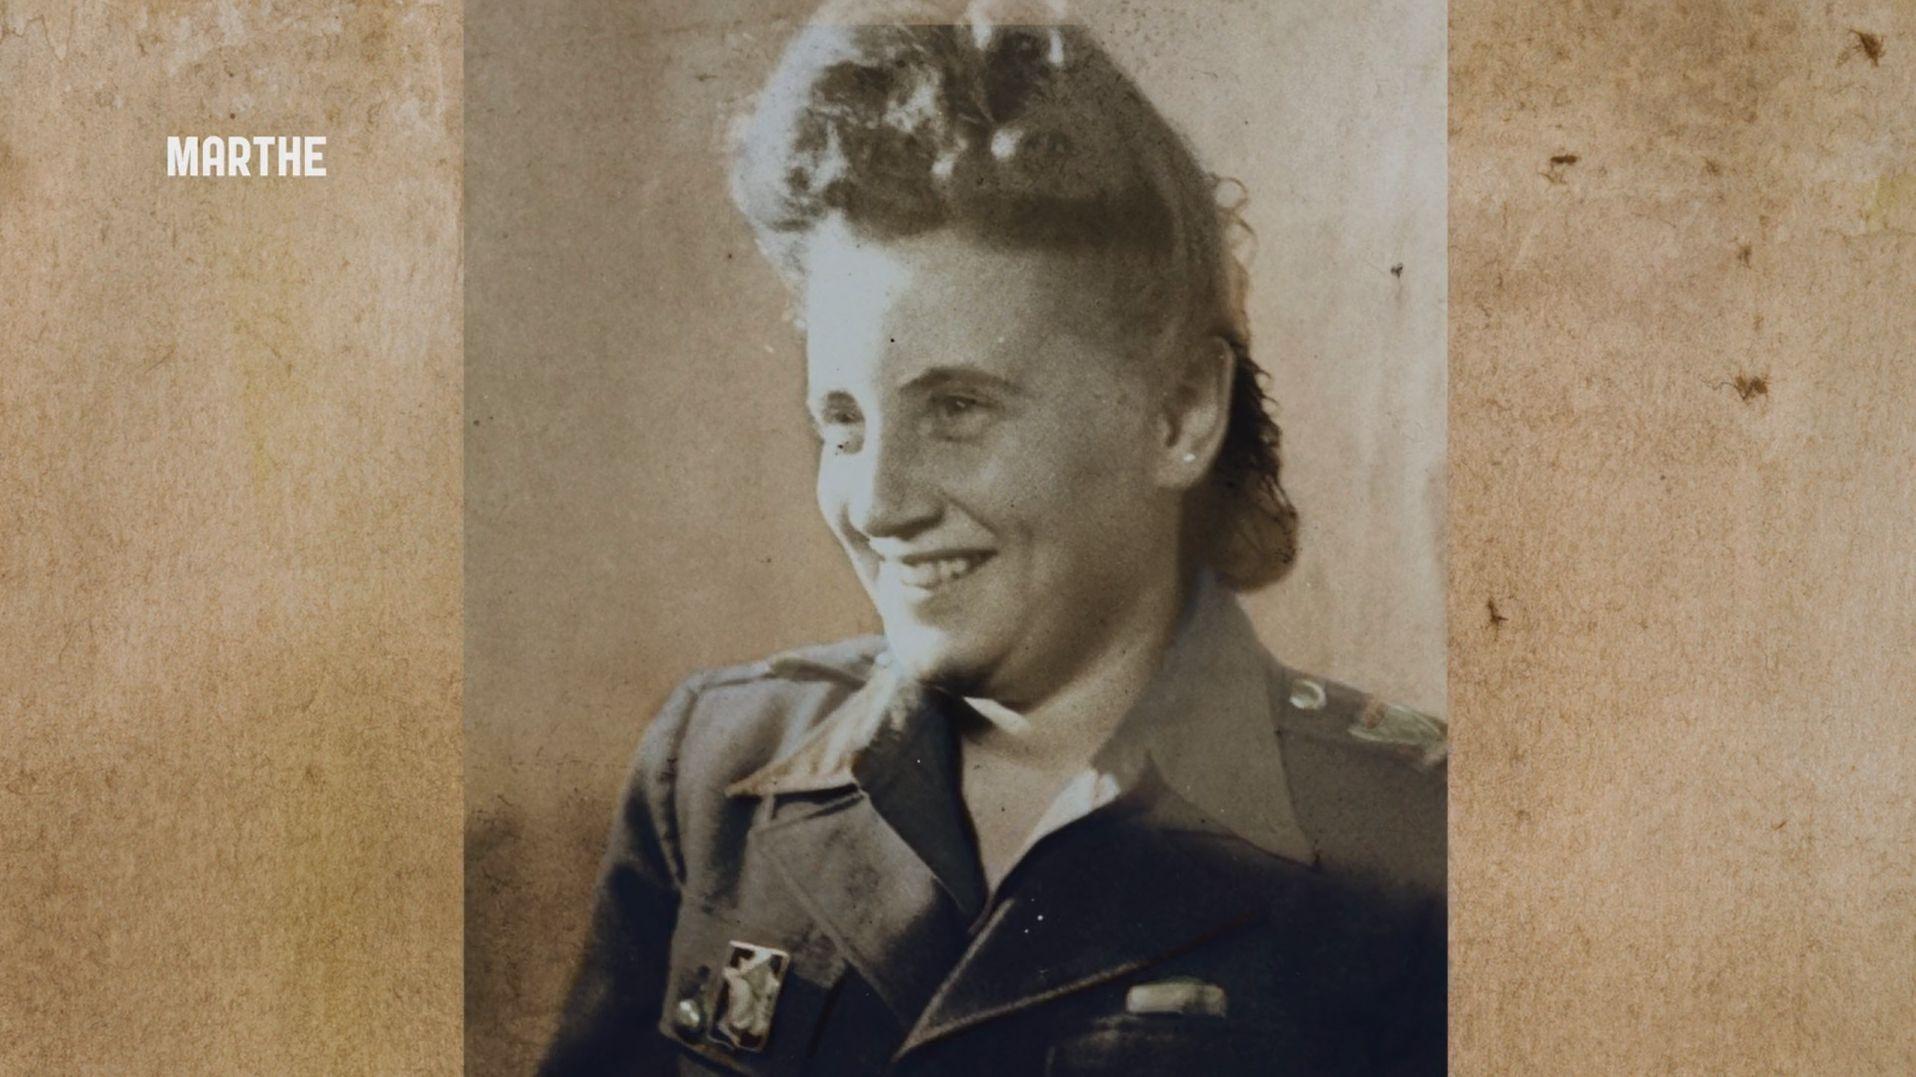 Marthe Cohn bei der Französischen Armee